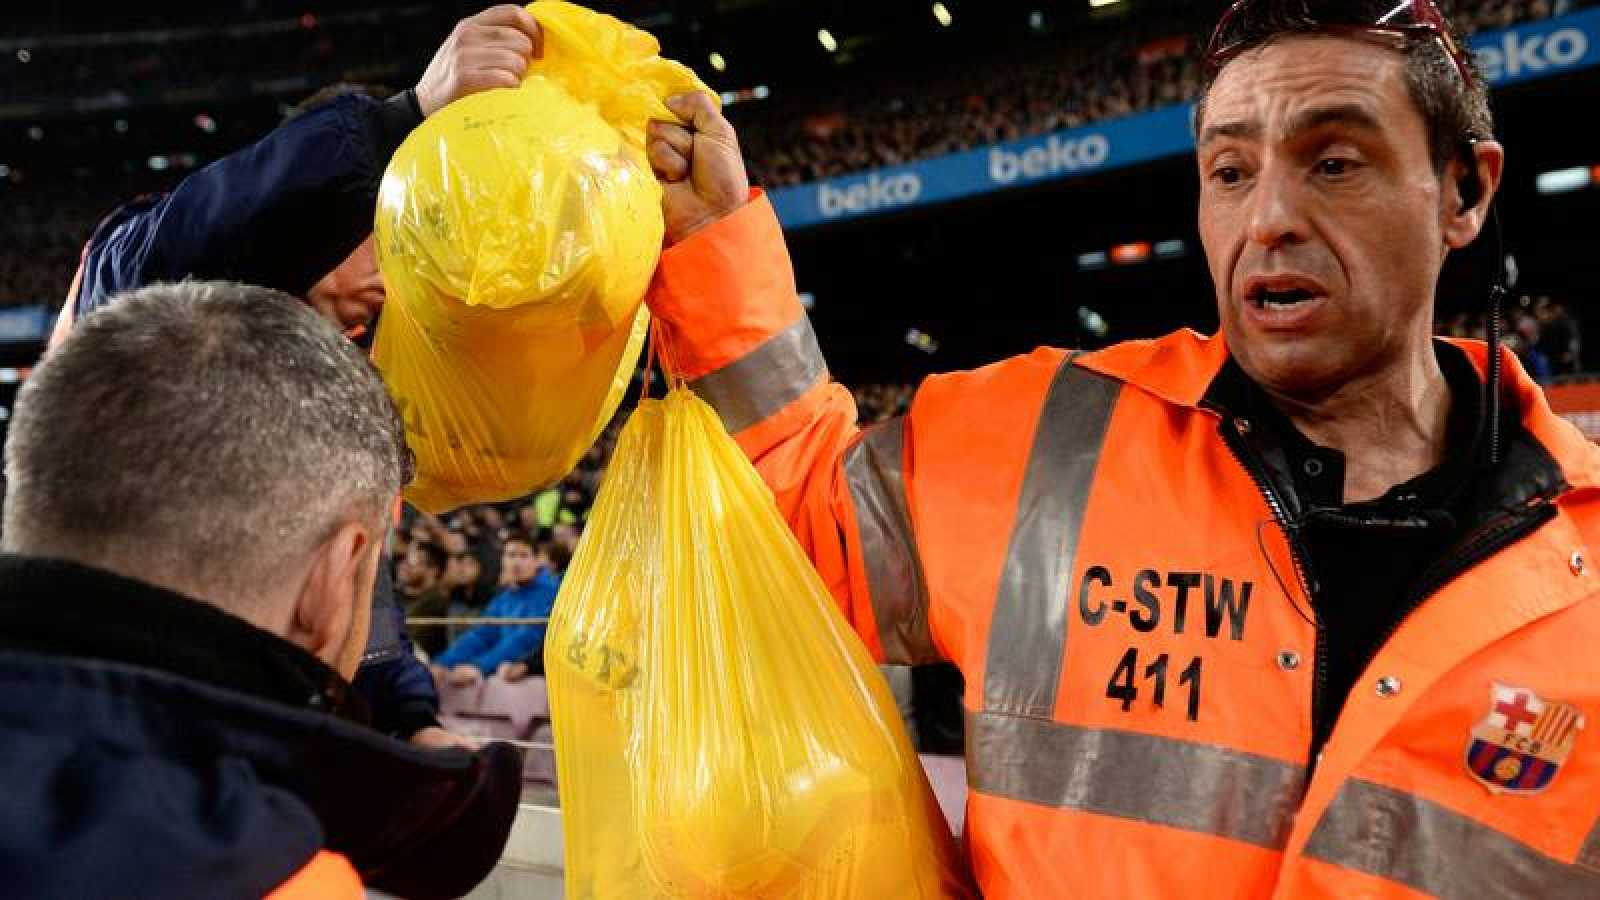 El Barça es apercibido de clausura por alteración de orden grave en el Clásico